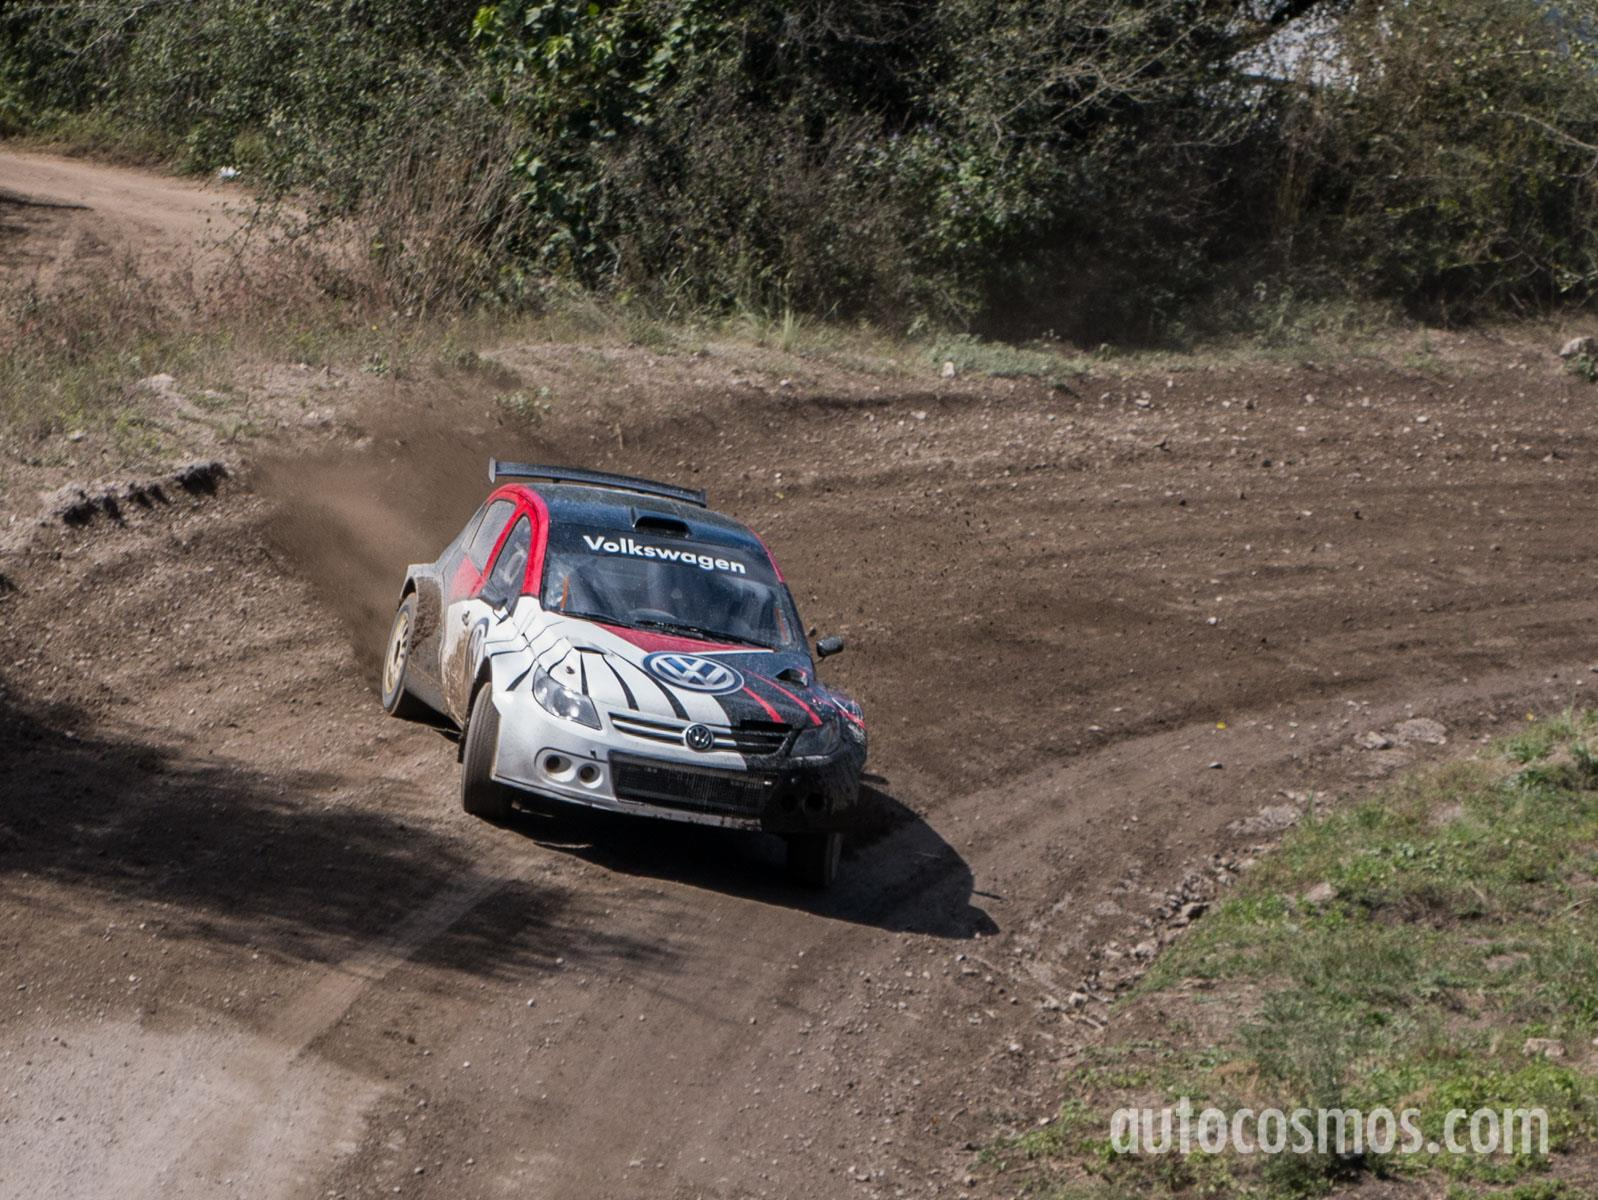 WRC: Citroën volvió a la vida en Argentina - Autocosmos.com